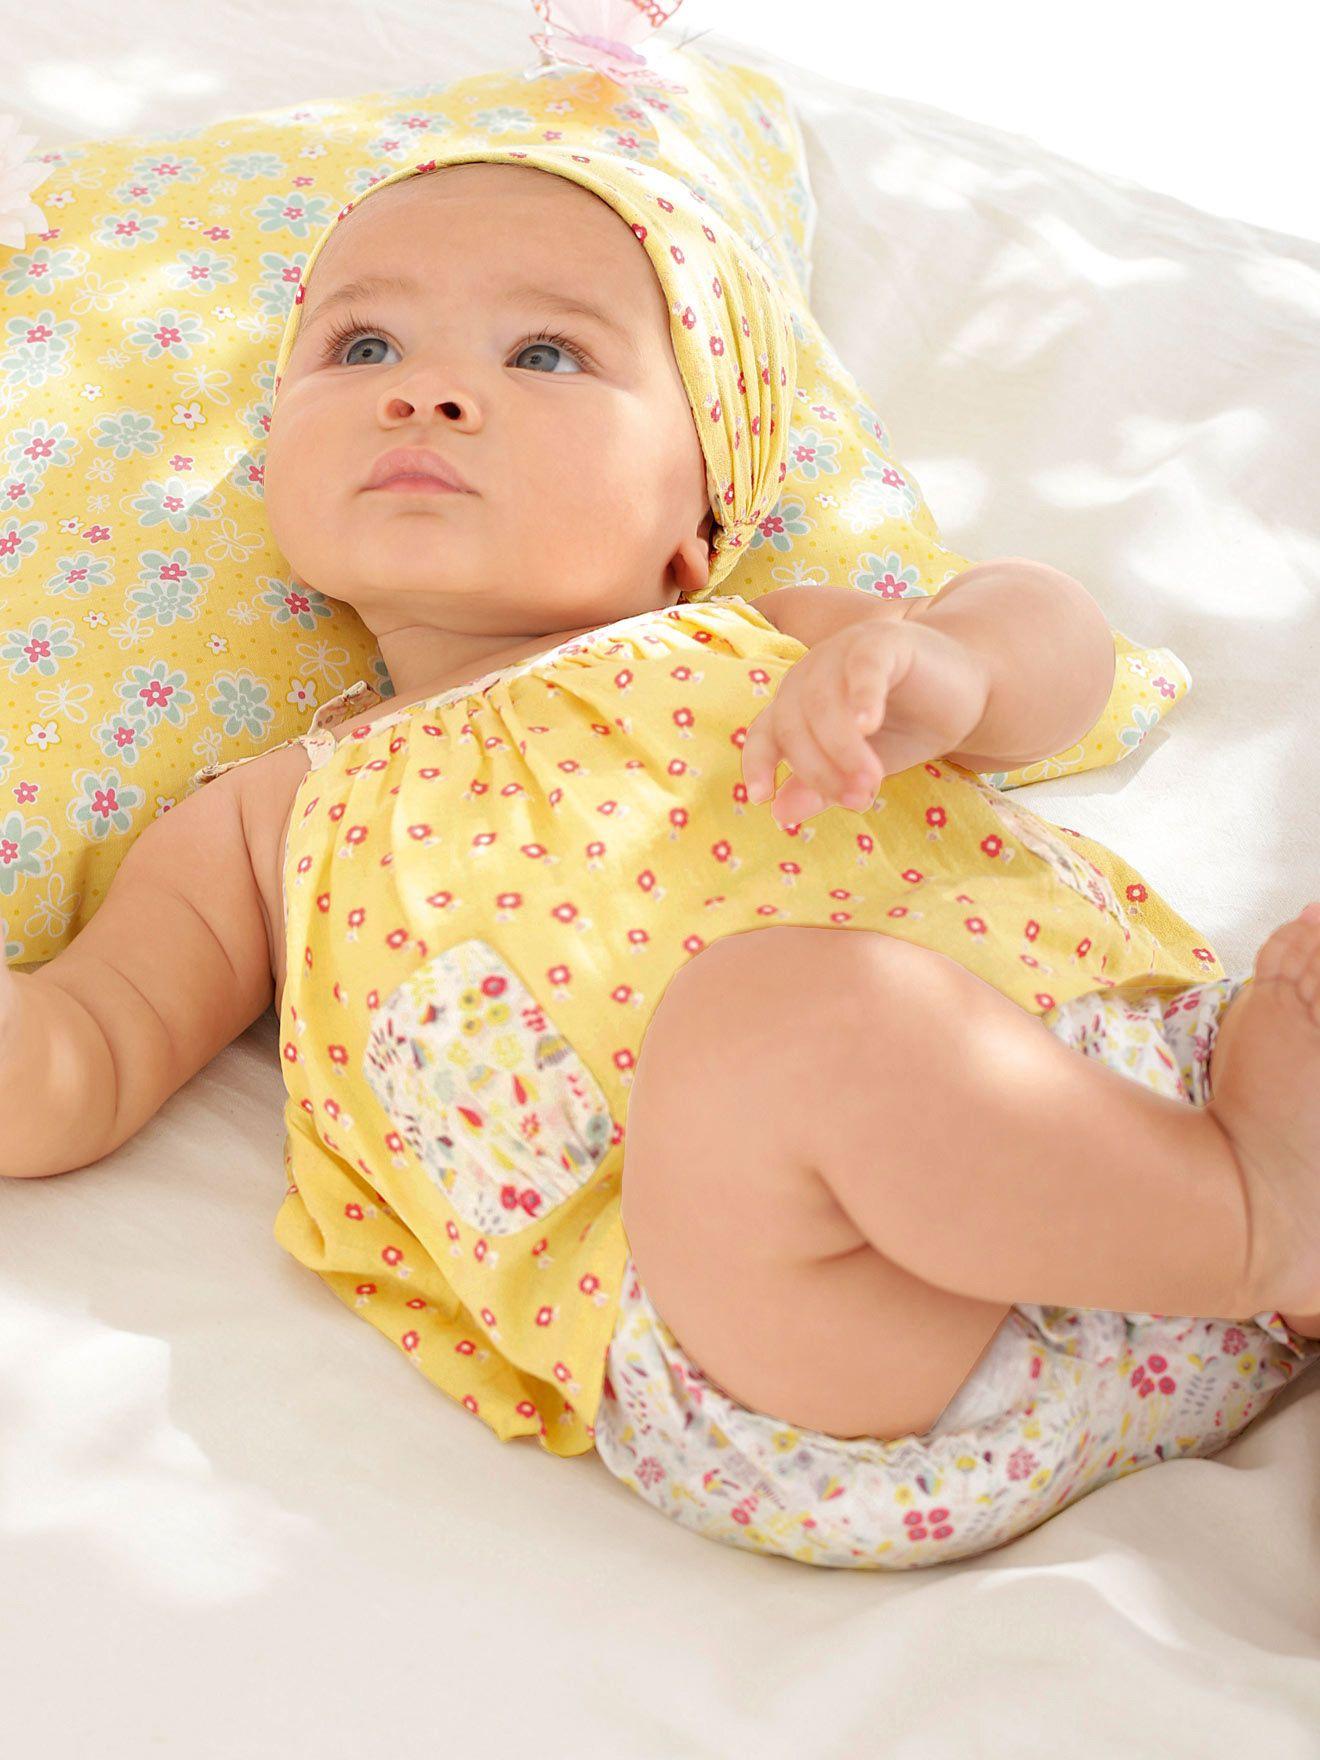 031956254d5f9 Ensemble  robe effet 2 en 1 et fichu bébé - Collection Printemps été 2014  www.vertbaudet.fr